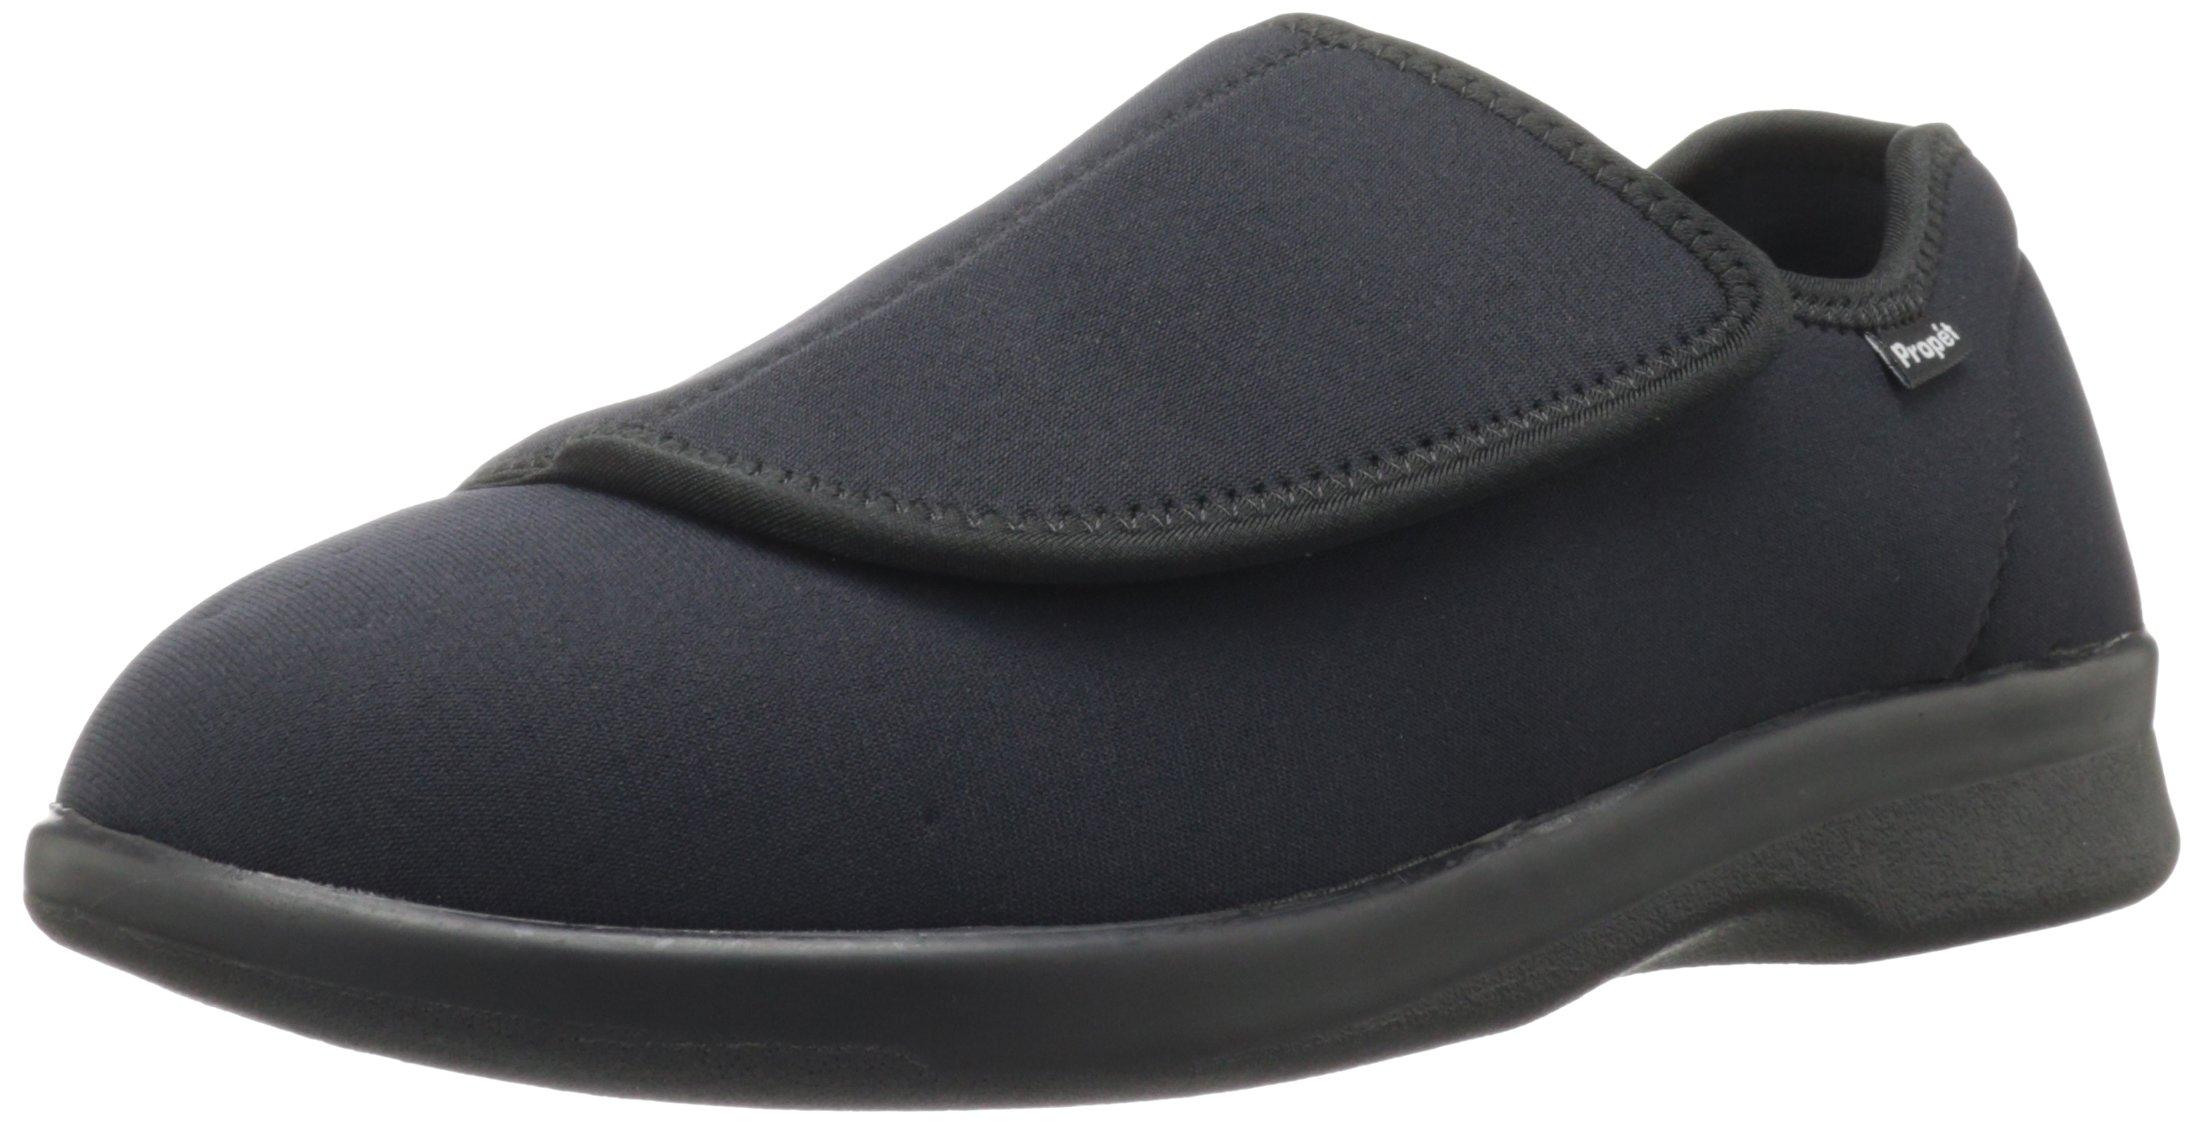 Propet Men's Cush N Foot Shoe,Black,15 5E US by Propét